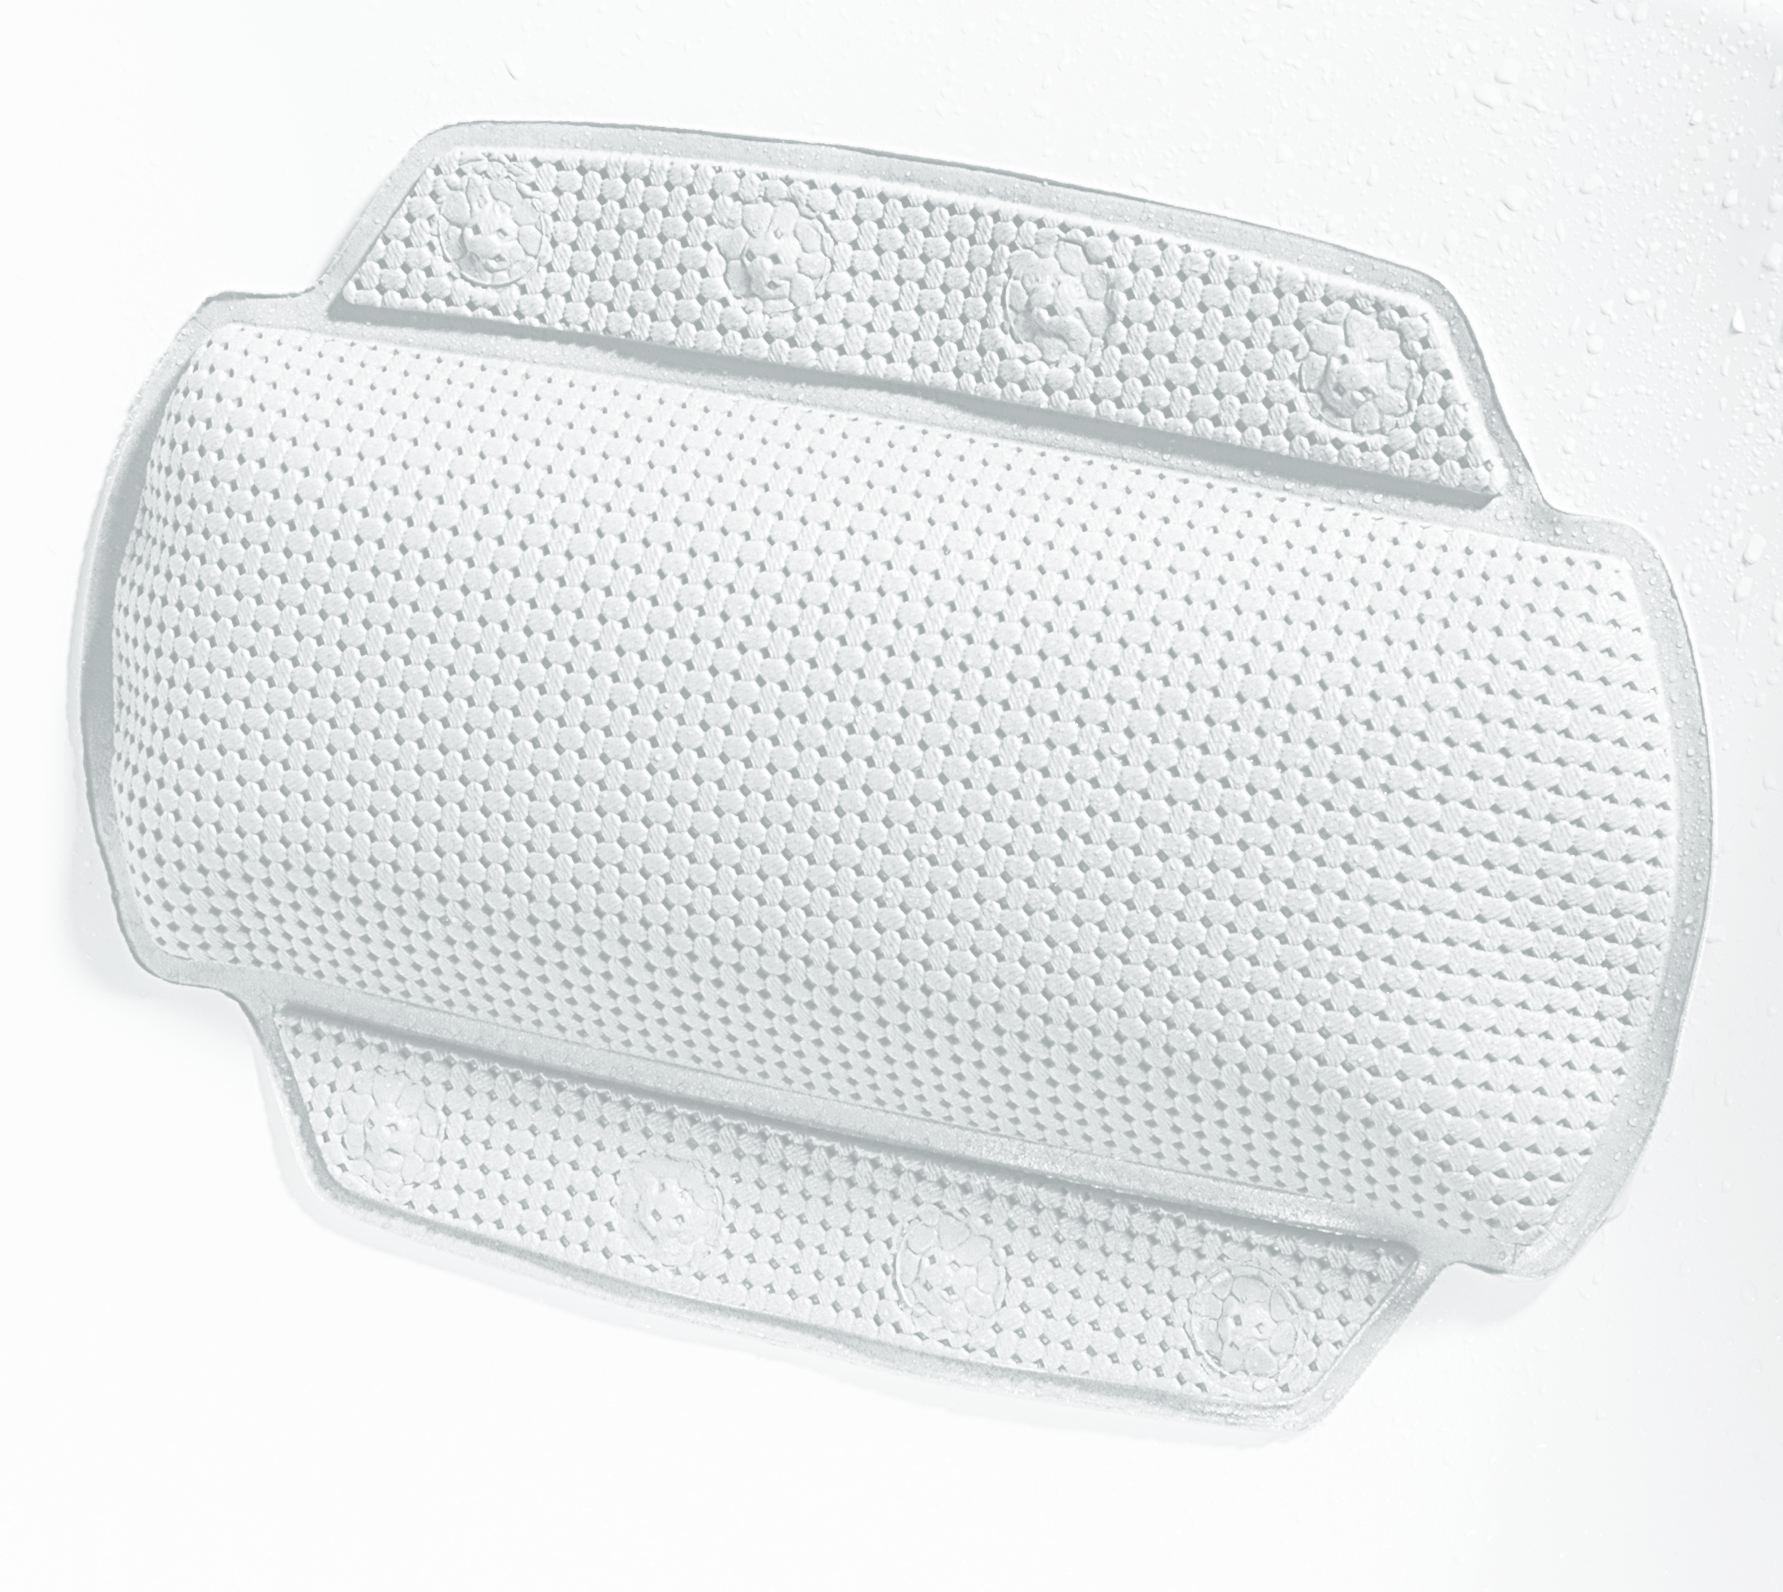 BADEWANNENKISSEN - Weiß, Basics, Kunststoff (32/23cm) - SPIRELLA